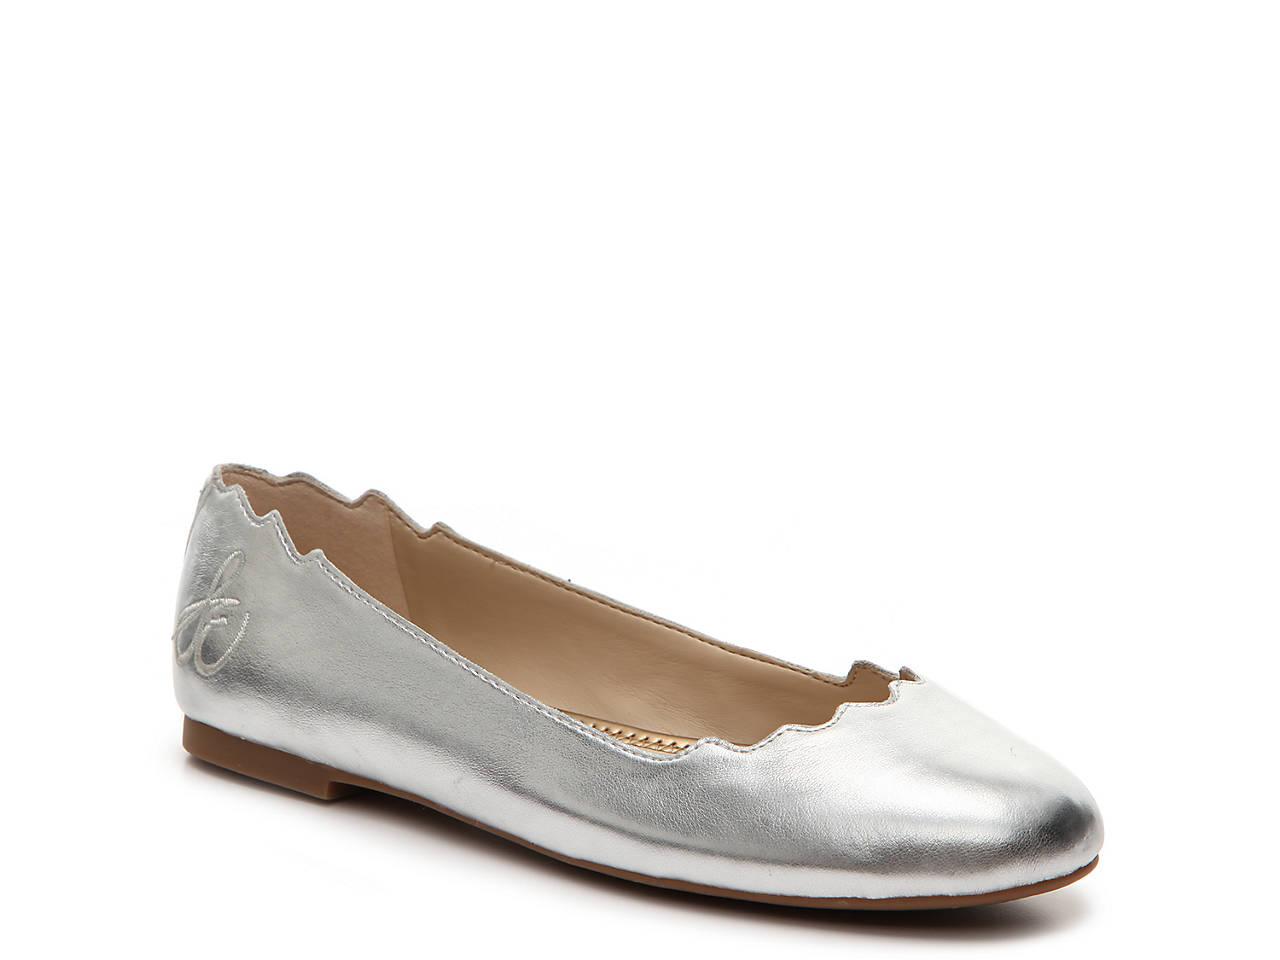 426d0f6d0 Sam Edelman Finnegan Ballet Flat Women s Shoes